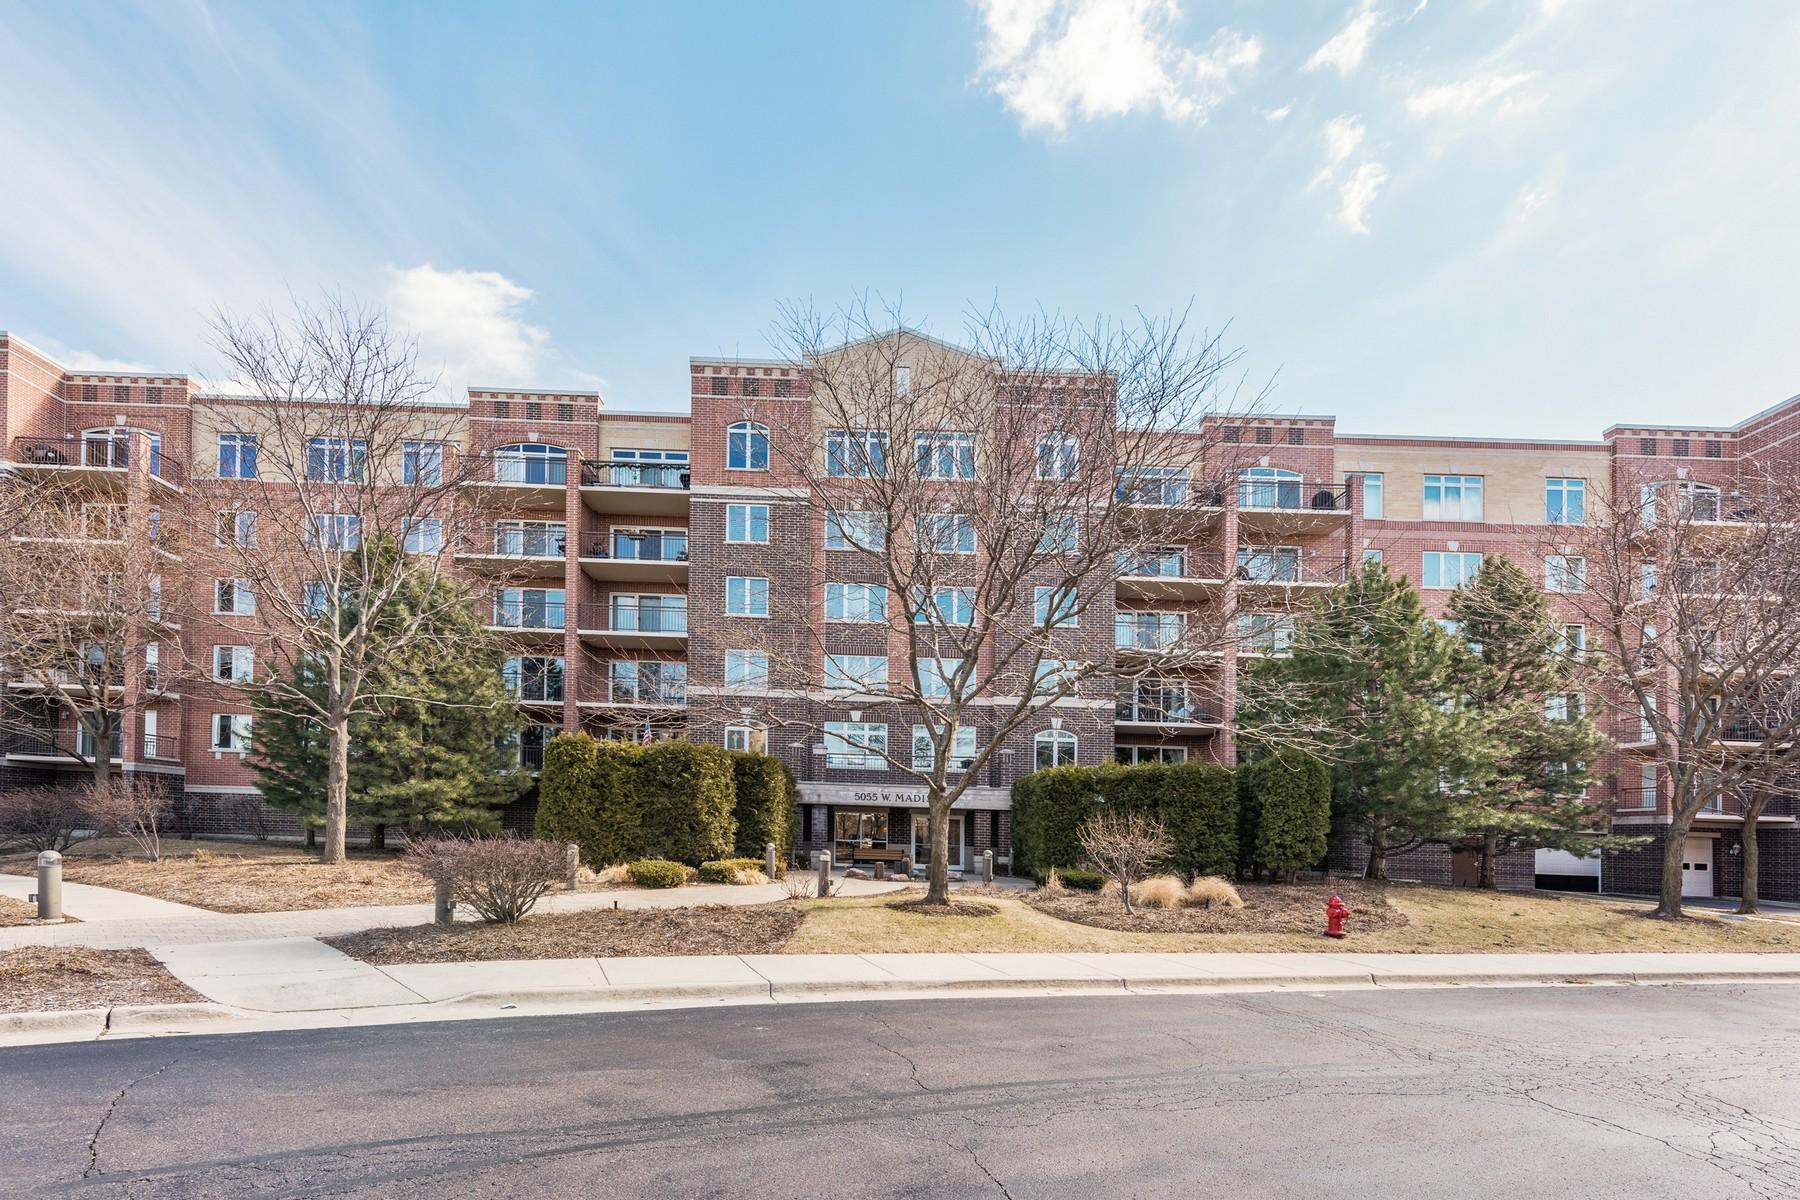 独户住宅 为 销售 在 Top floor corner unit 5055 Madison Street Unit 604, 斯科基, 伊利诺斯州, 60077 美国